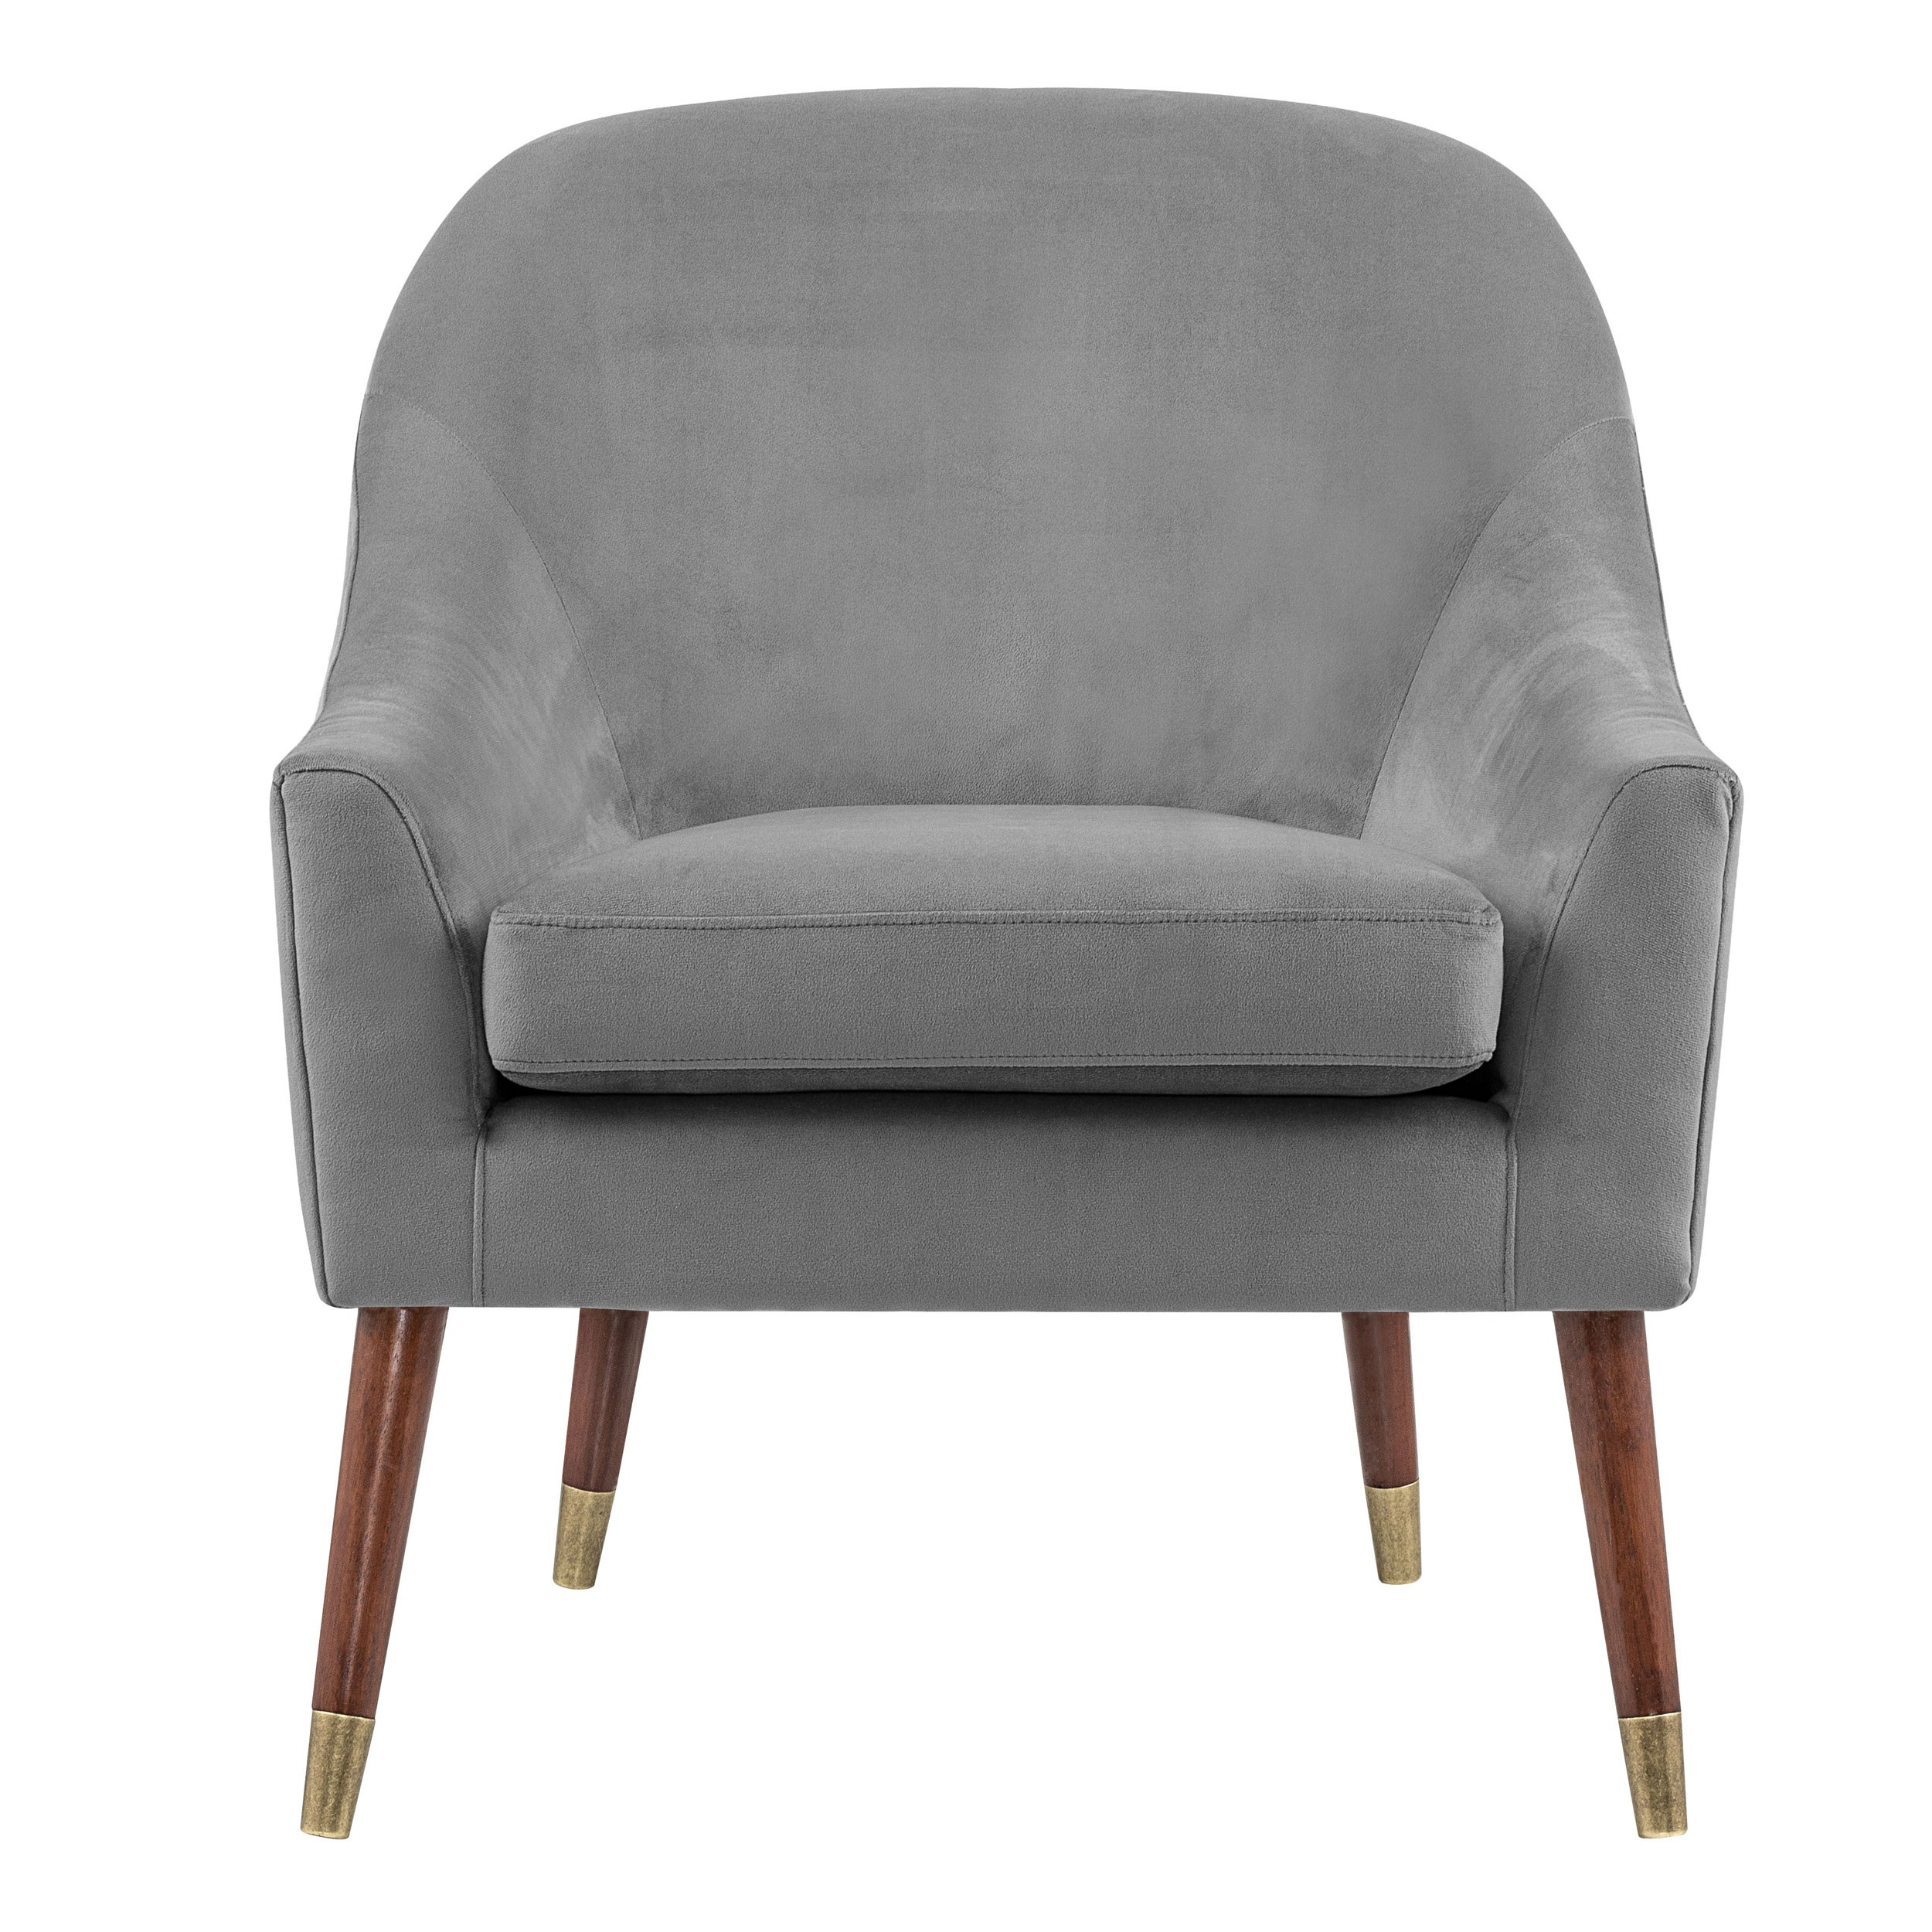 acheter fauteuil gris velours Résultat Supérieur 5 Bon Marché Fauteuil Acheter Photographie 2017 Xzw1